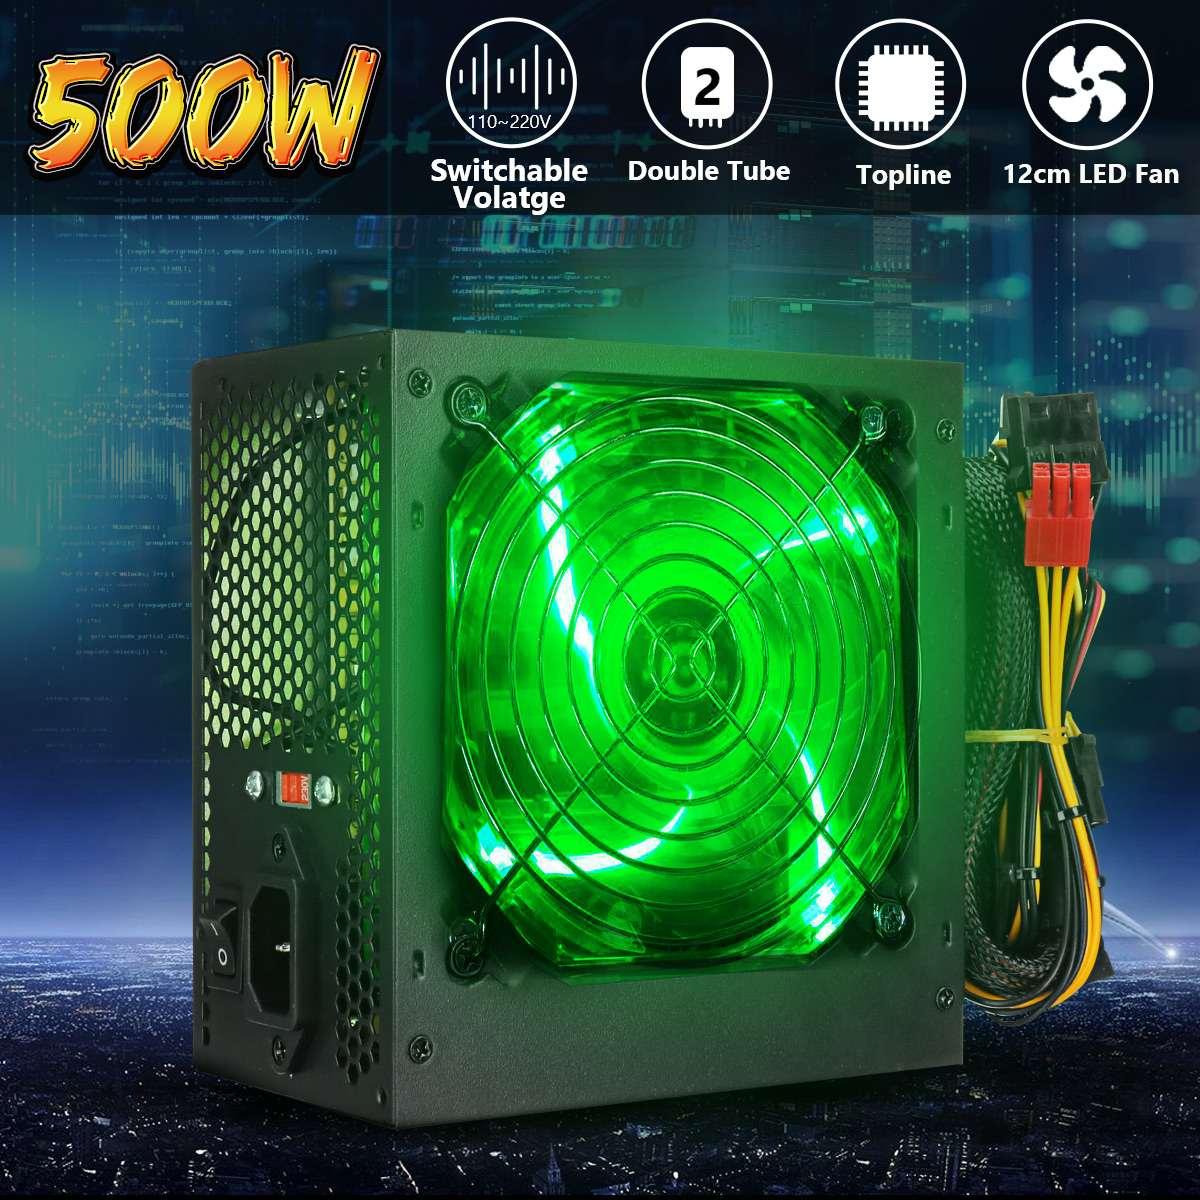 Max 500W fonte de Alimentação 120 milímetros Fã LED 24 Pin PCI SATA 12V PC Computador ATX fonte de Alimentação para o Desktop de Jogos de Computador